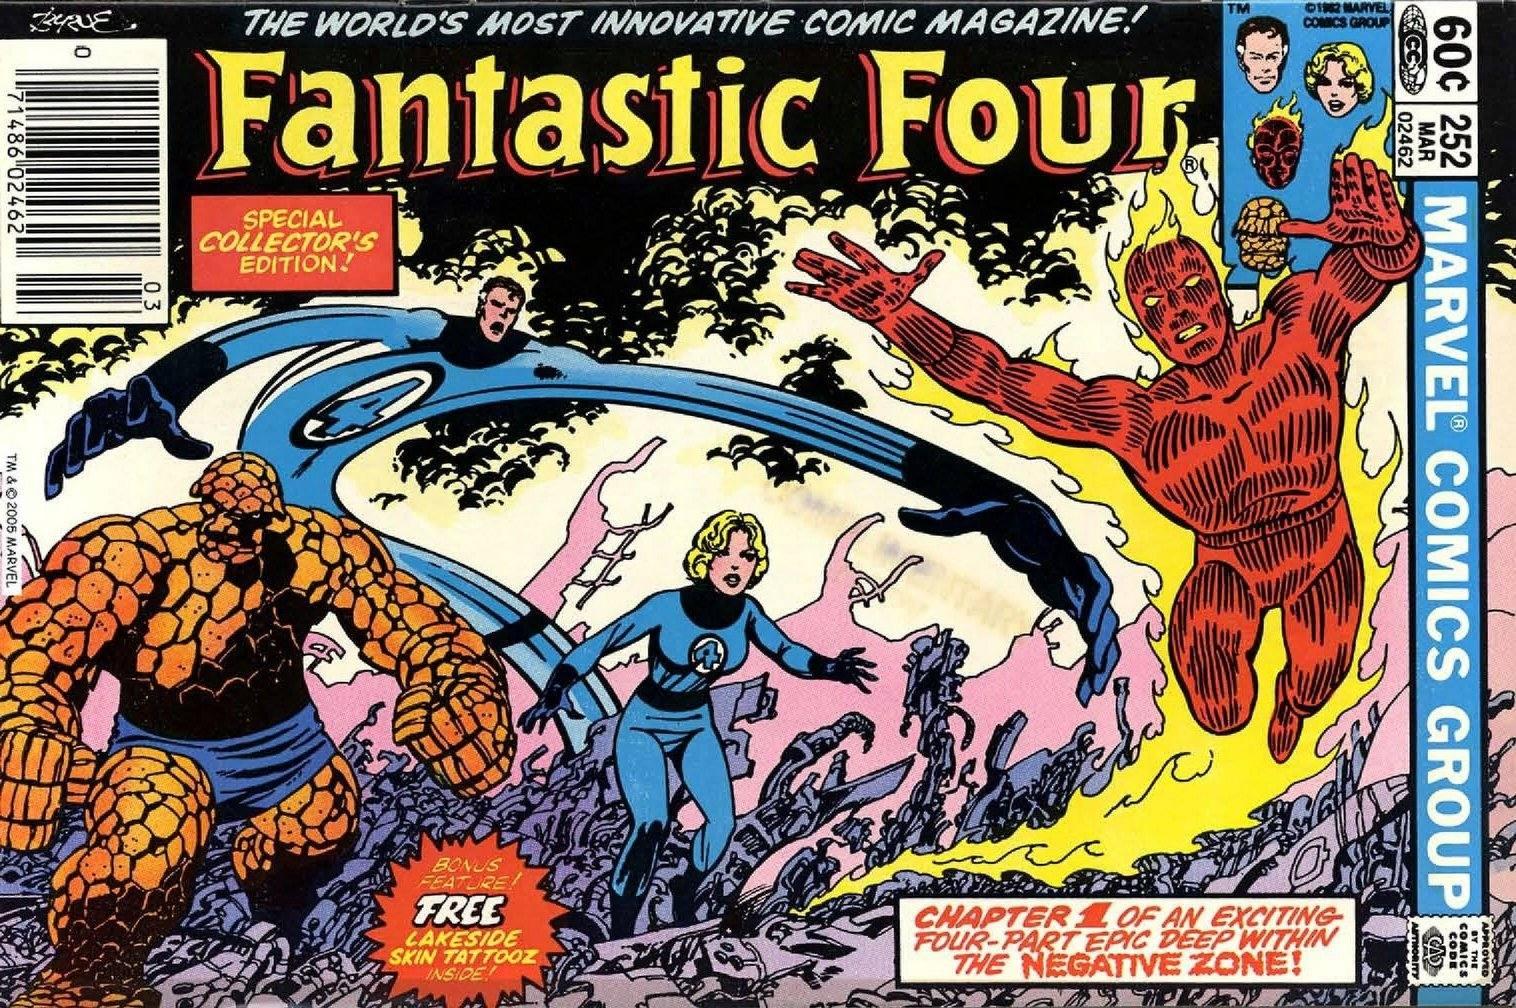 Fantastic Four 252 sideways issue